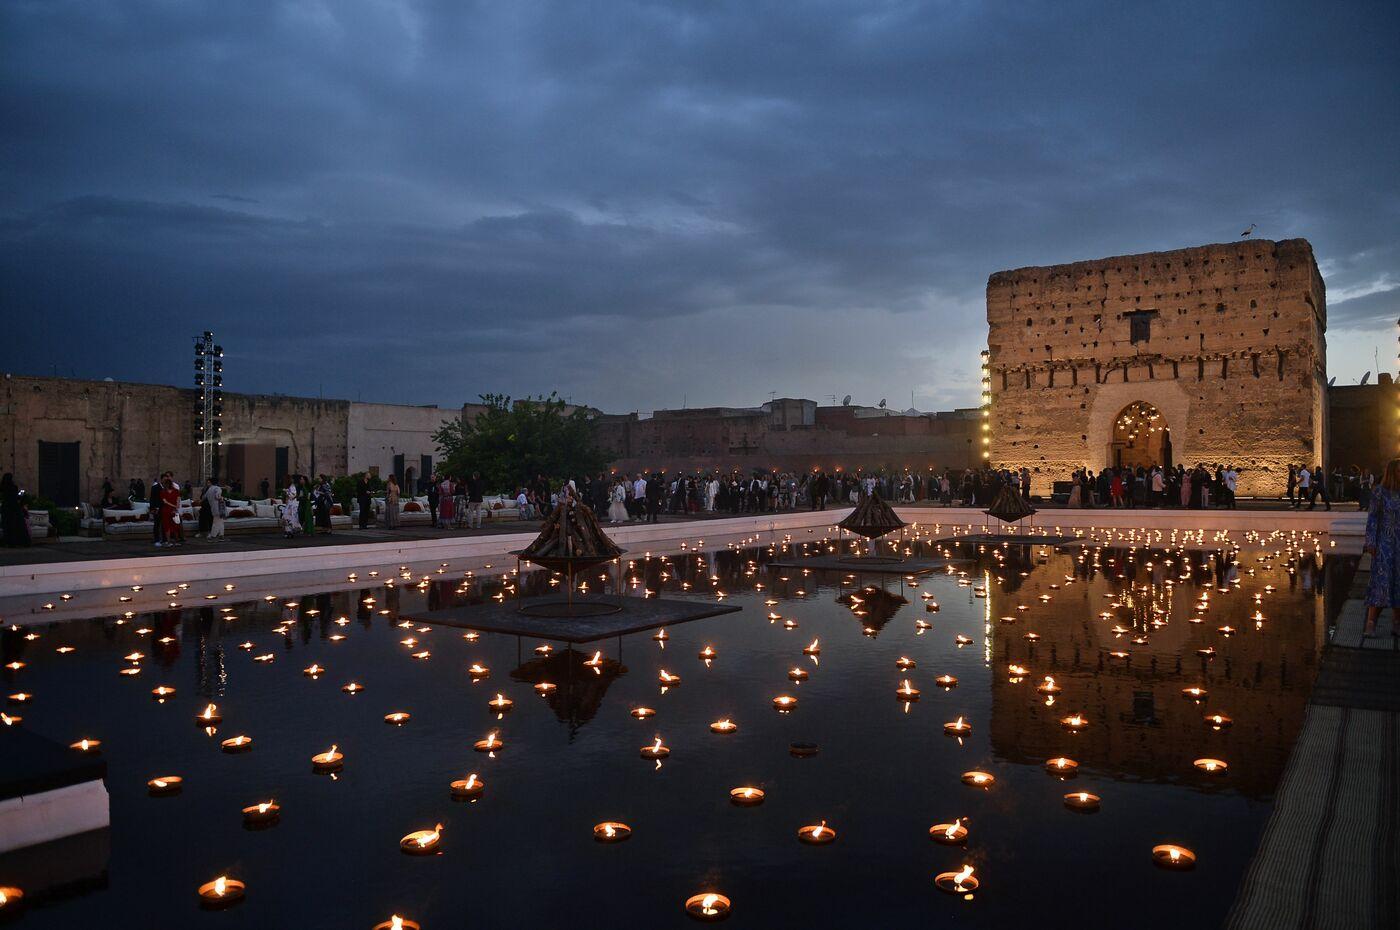 f3841c1ff0 Il Palais El Badi di Marrakech allestito per la sfilata della collezione  Dior Cruise 2020 (foto LaPresse)